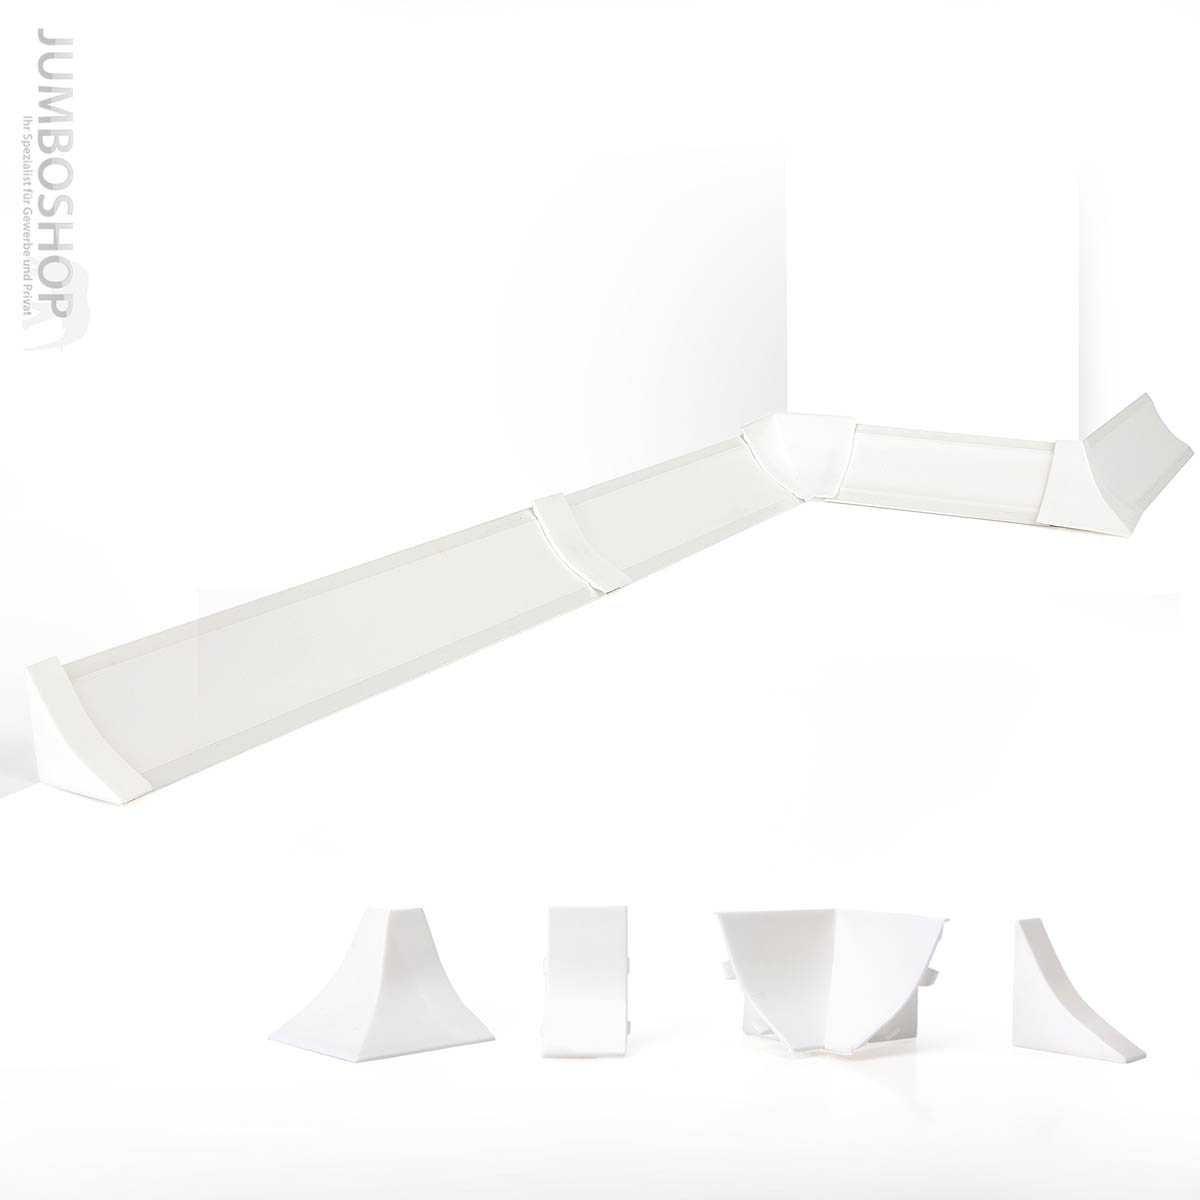 250cm Küchenabschlussleiste Küchenleiste Wandabschlussleiste ...